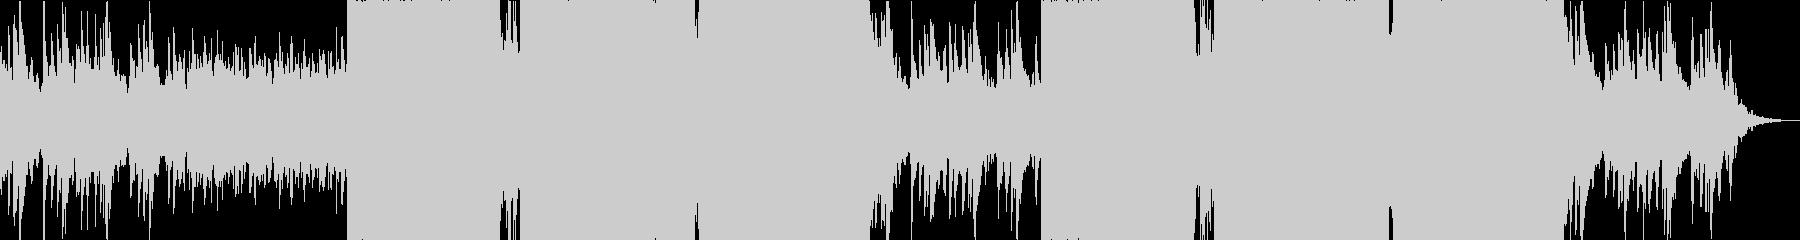 壮大なイメージのEDMです。の未再生の波形